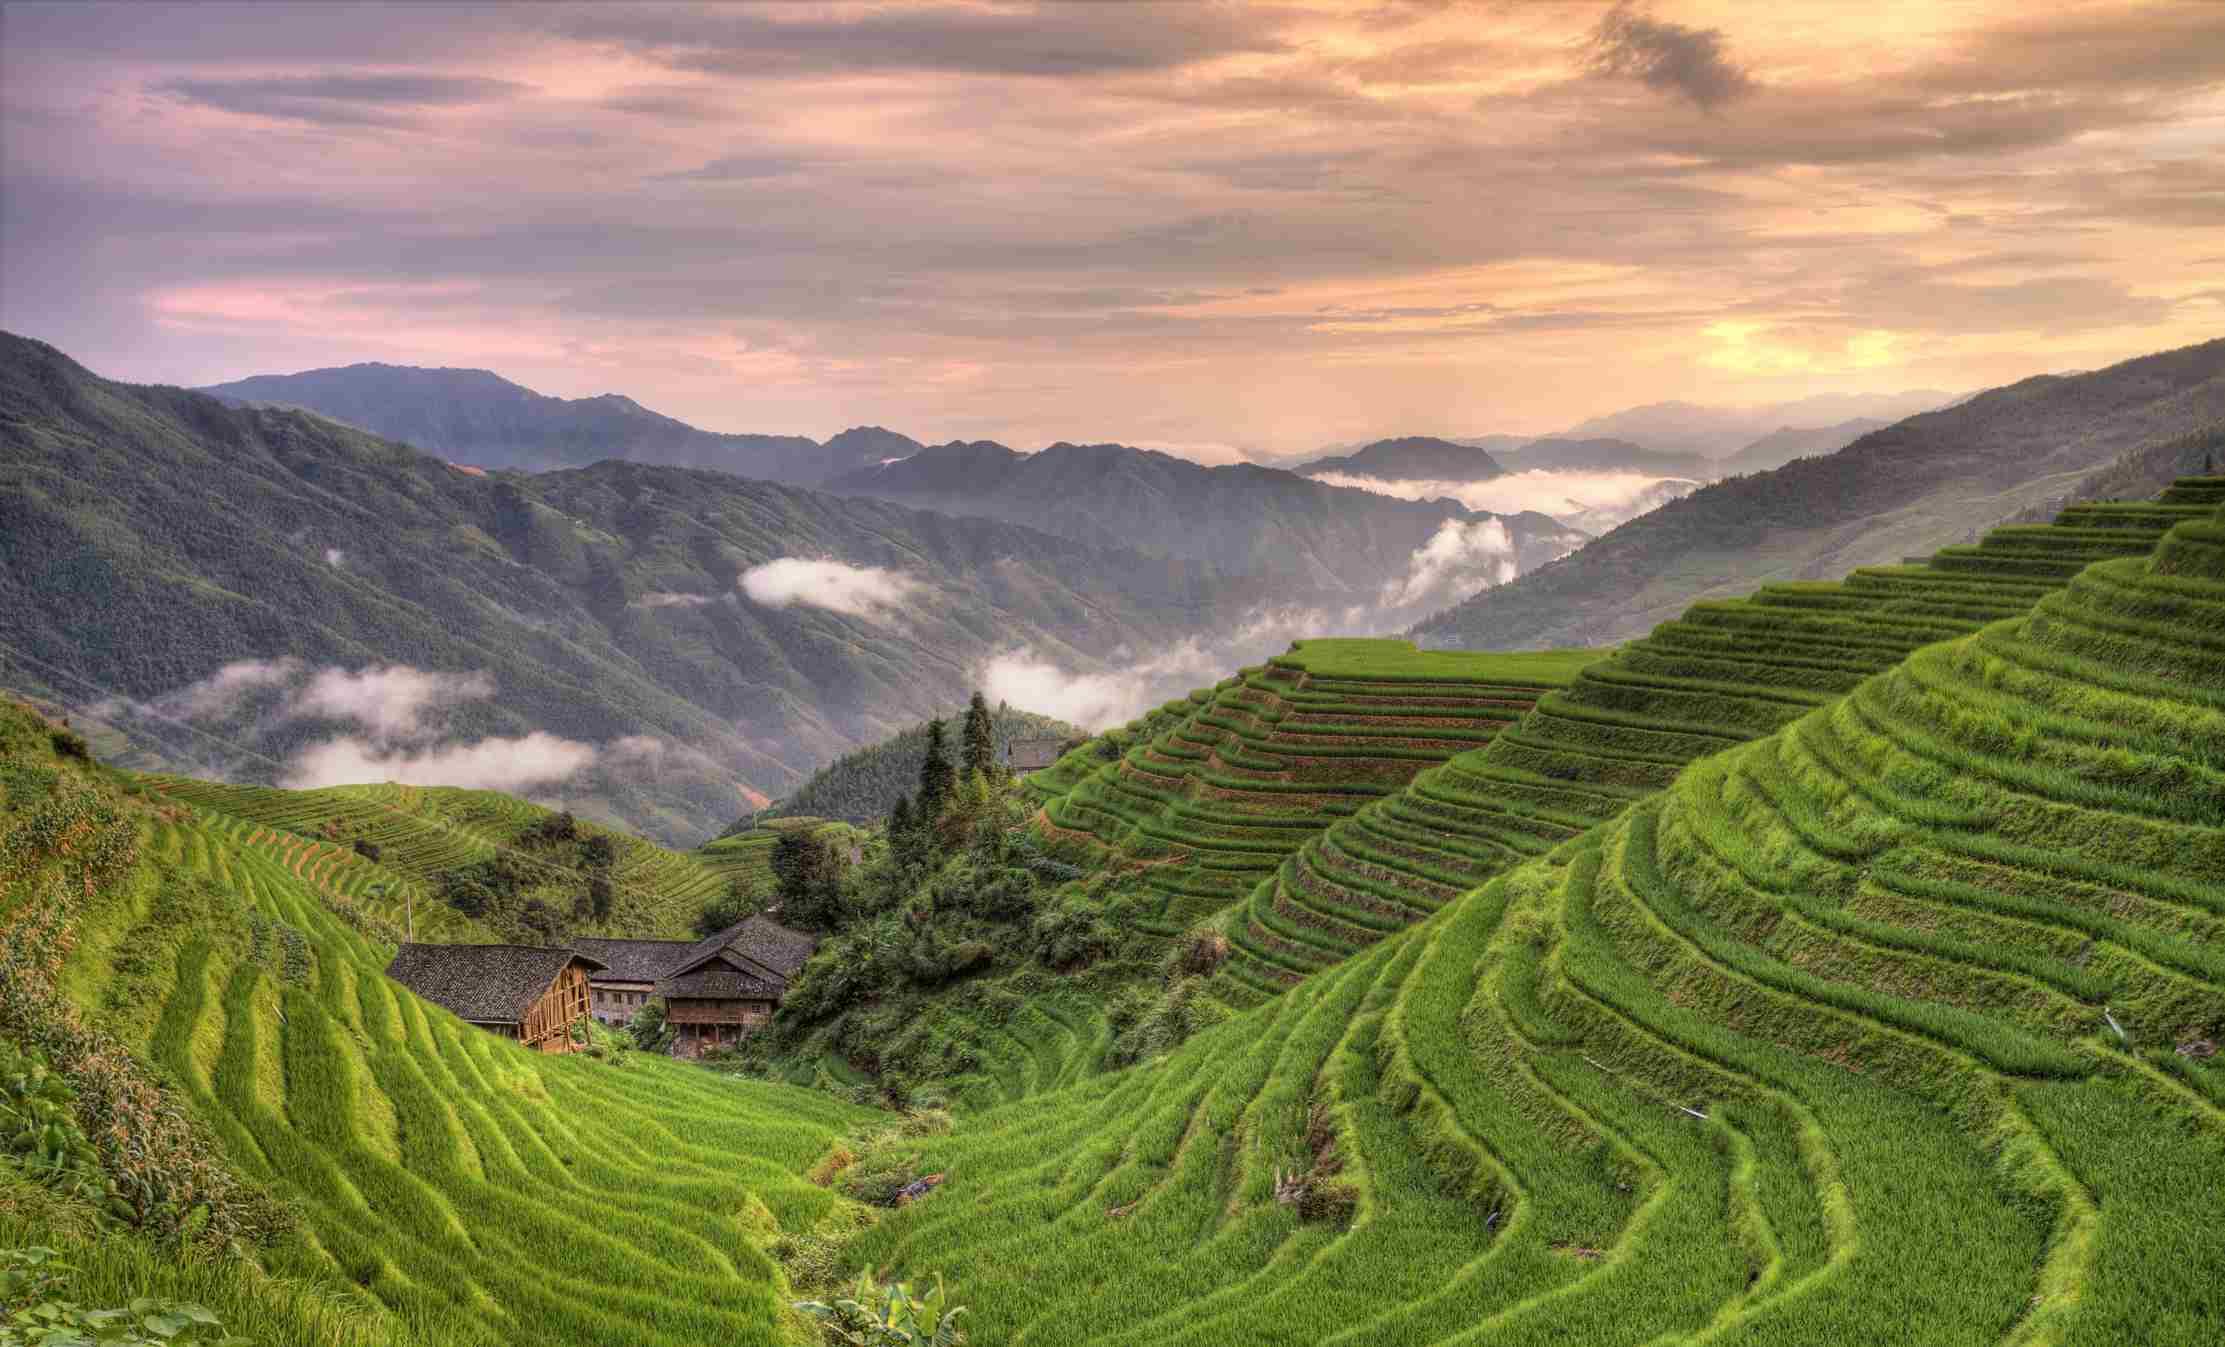 Sunset at pingan village